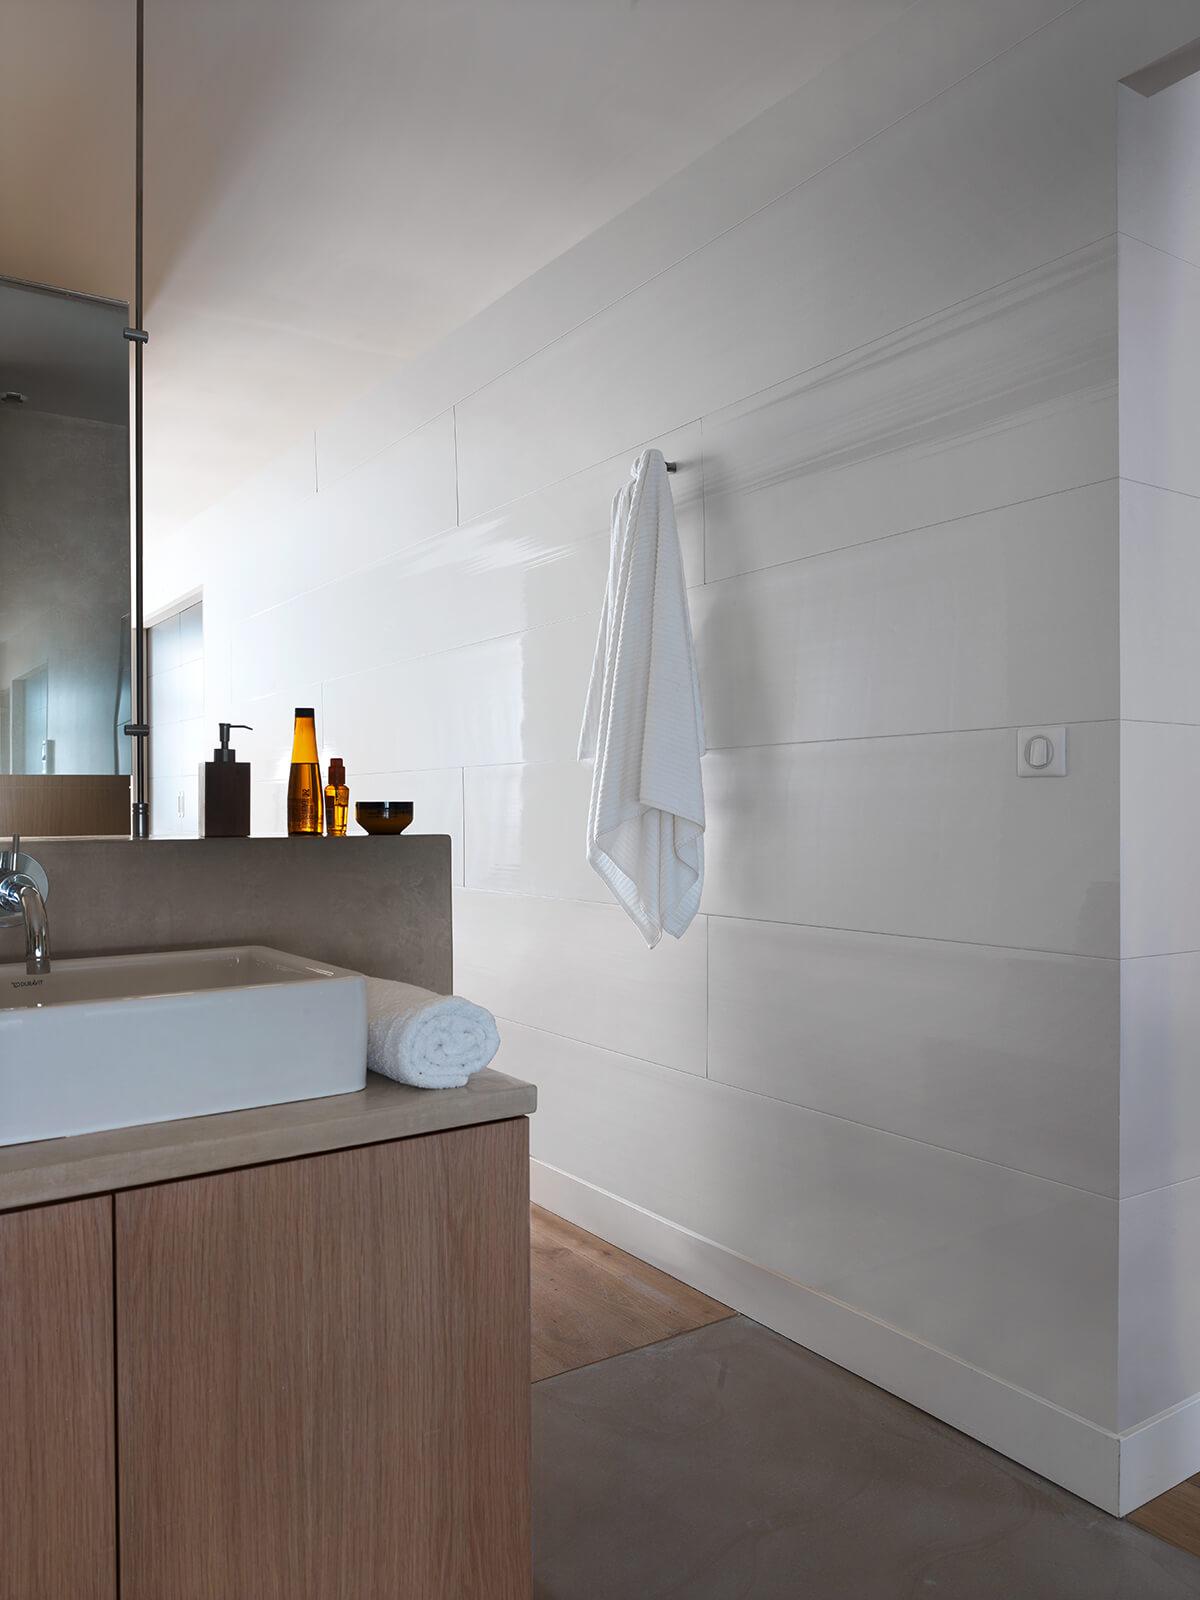 Renovation bonnes raisons adopter lambris pvc revetement decoratif frenchyfancy 6 frenchy fancy - Salle de bain revetement mural ...